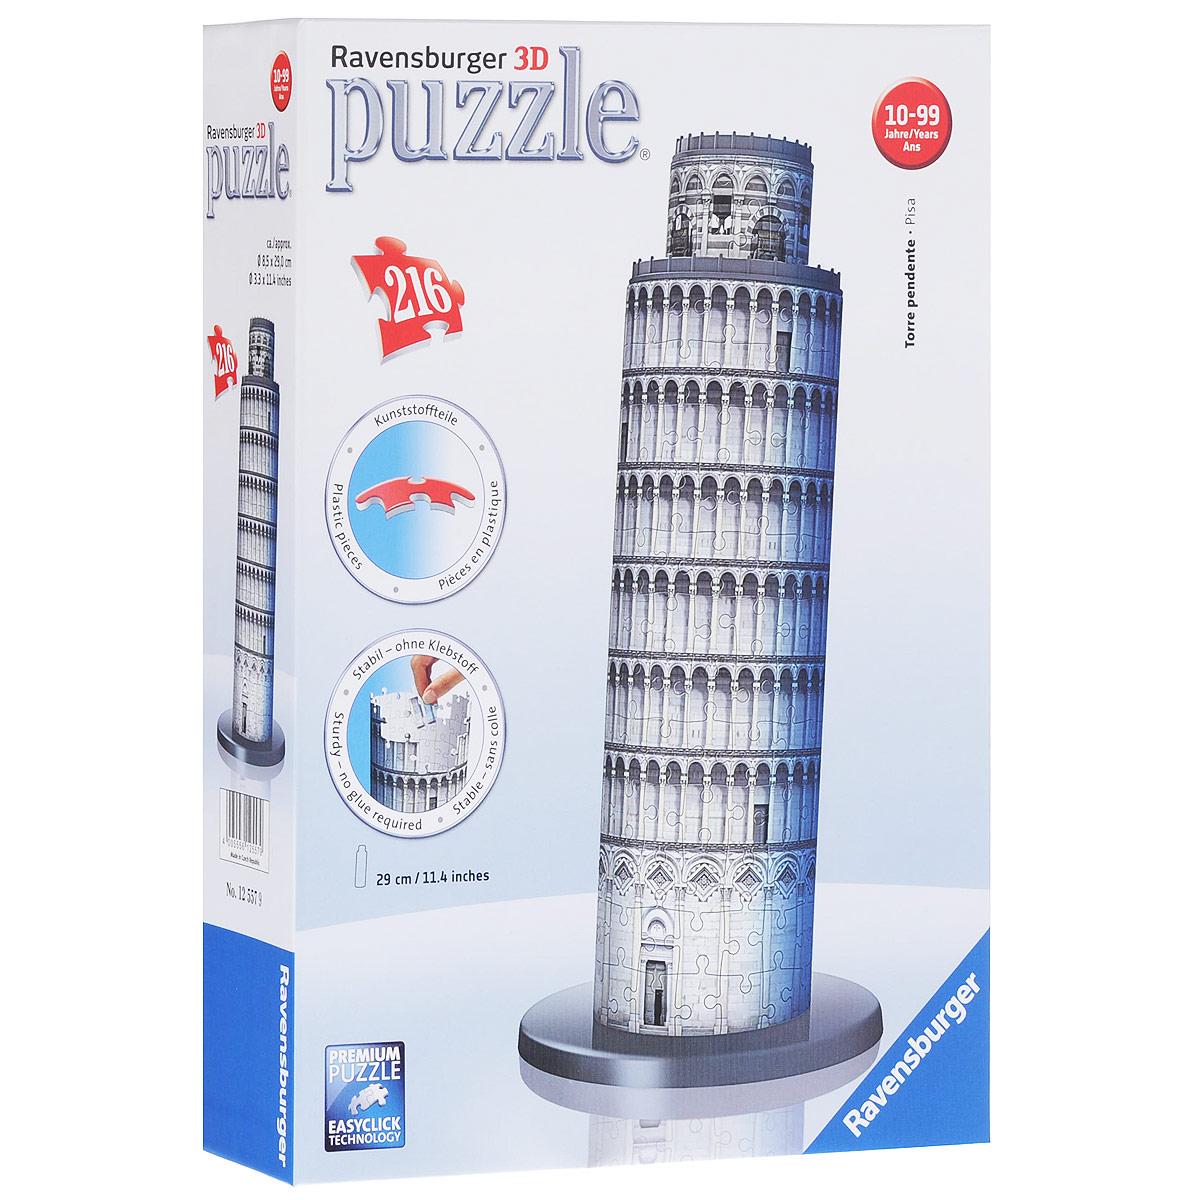 Ravensburger Пизанская башня. Объемный 3D-пазл, 216 элементов125573D пазл Пизанская башня - это уникальная серия пазлов. Уникальность этой линейки в том, что в собранном виде пазл образует объемную трехмерную фигуру. Используя изогнутые, гибкие и плоские детали, создаются эффективные 3D объекты. Точно подходящие пластмассовые детали делают конструкцию устойчивой - без клея. В эту серию входят пазлы, которые воссоздают образы известных башен и небоскребов мира. Ваш ребенок сможет собрать Пизанскую башню, Бранденбургские ворота, Кильдинский Северный маяк, Биг Бен и небоскреб Empire State Building.